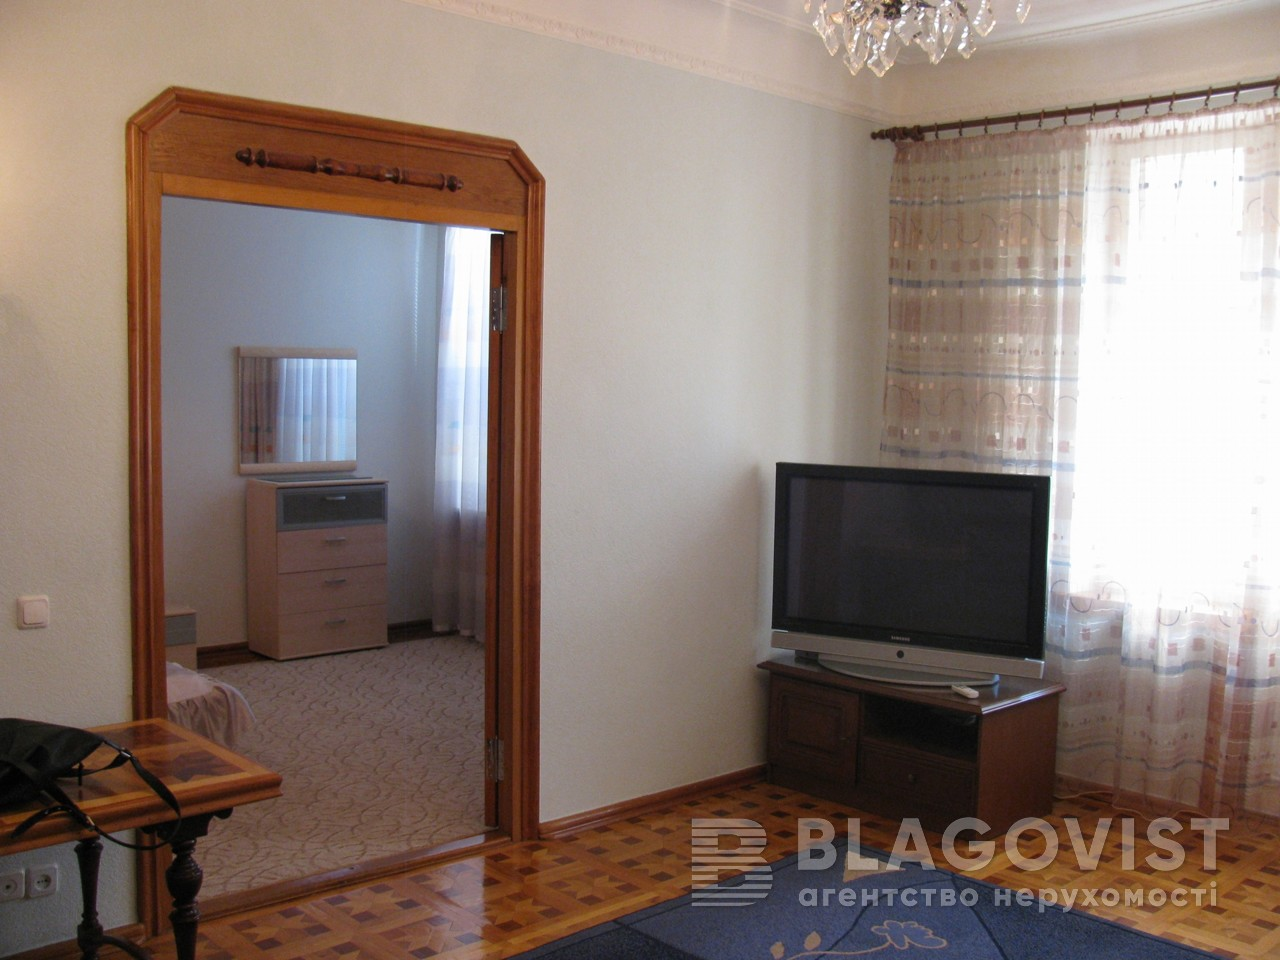 Квартира H-21443, Круглоуниверситетская, 17, Киев - Фото 6